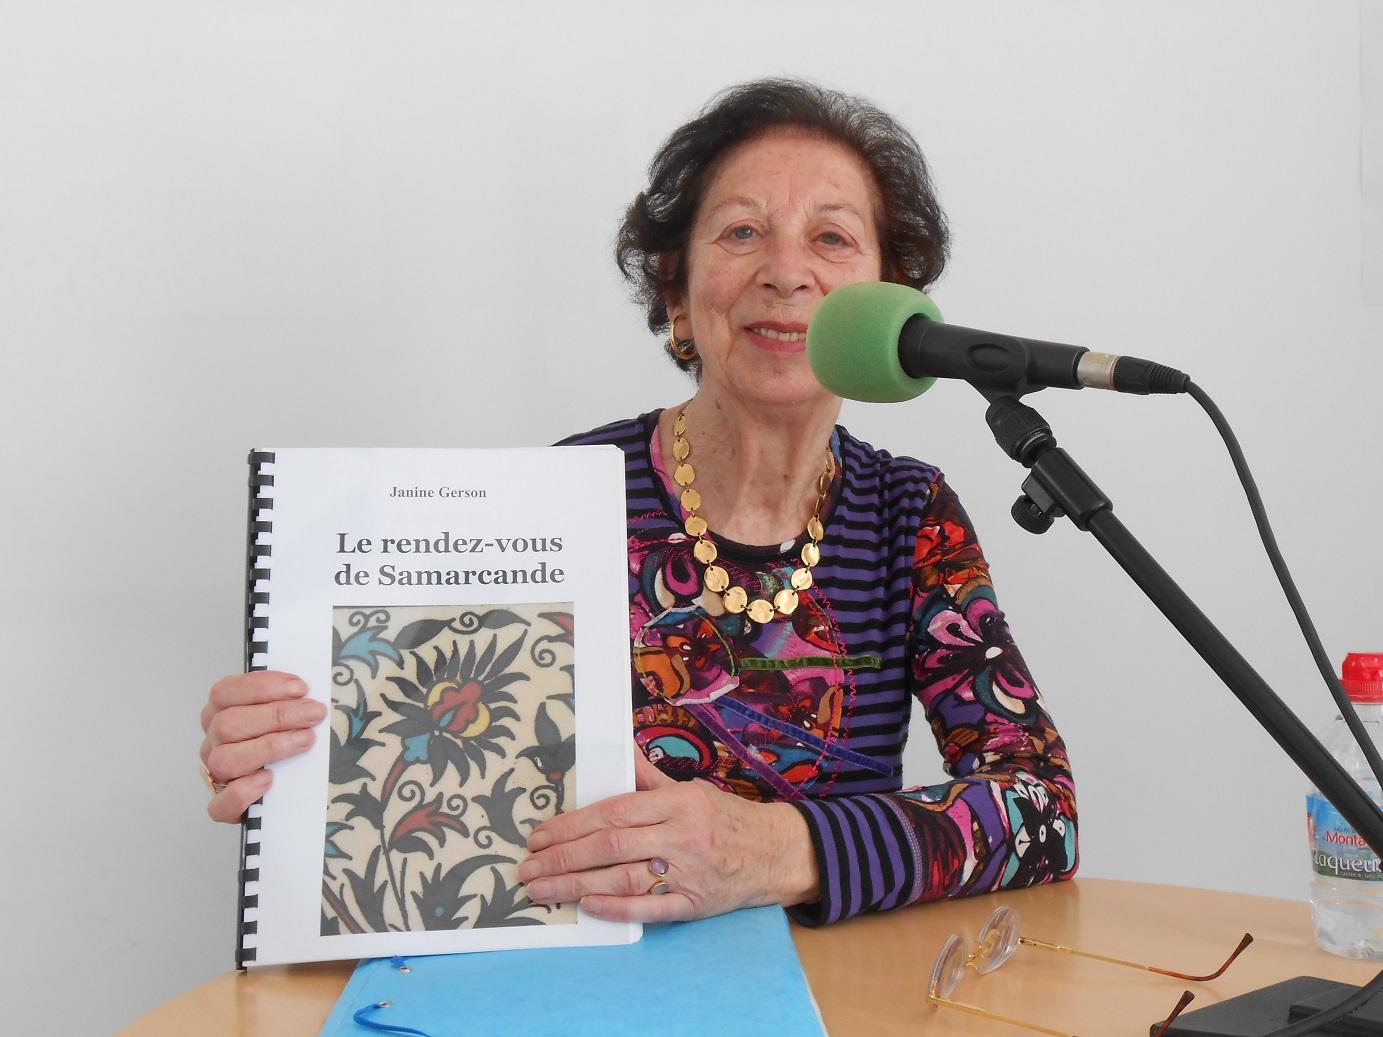 """Janine Gerson publie """" Le rendez-vous de Samarcande """""""